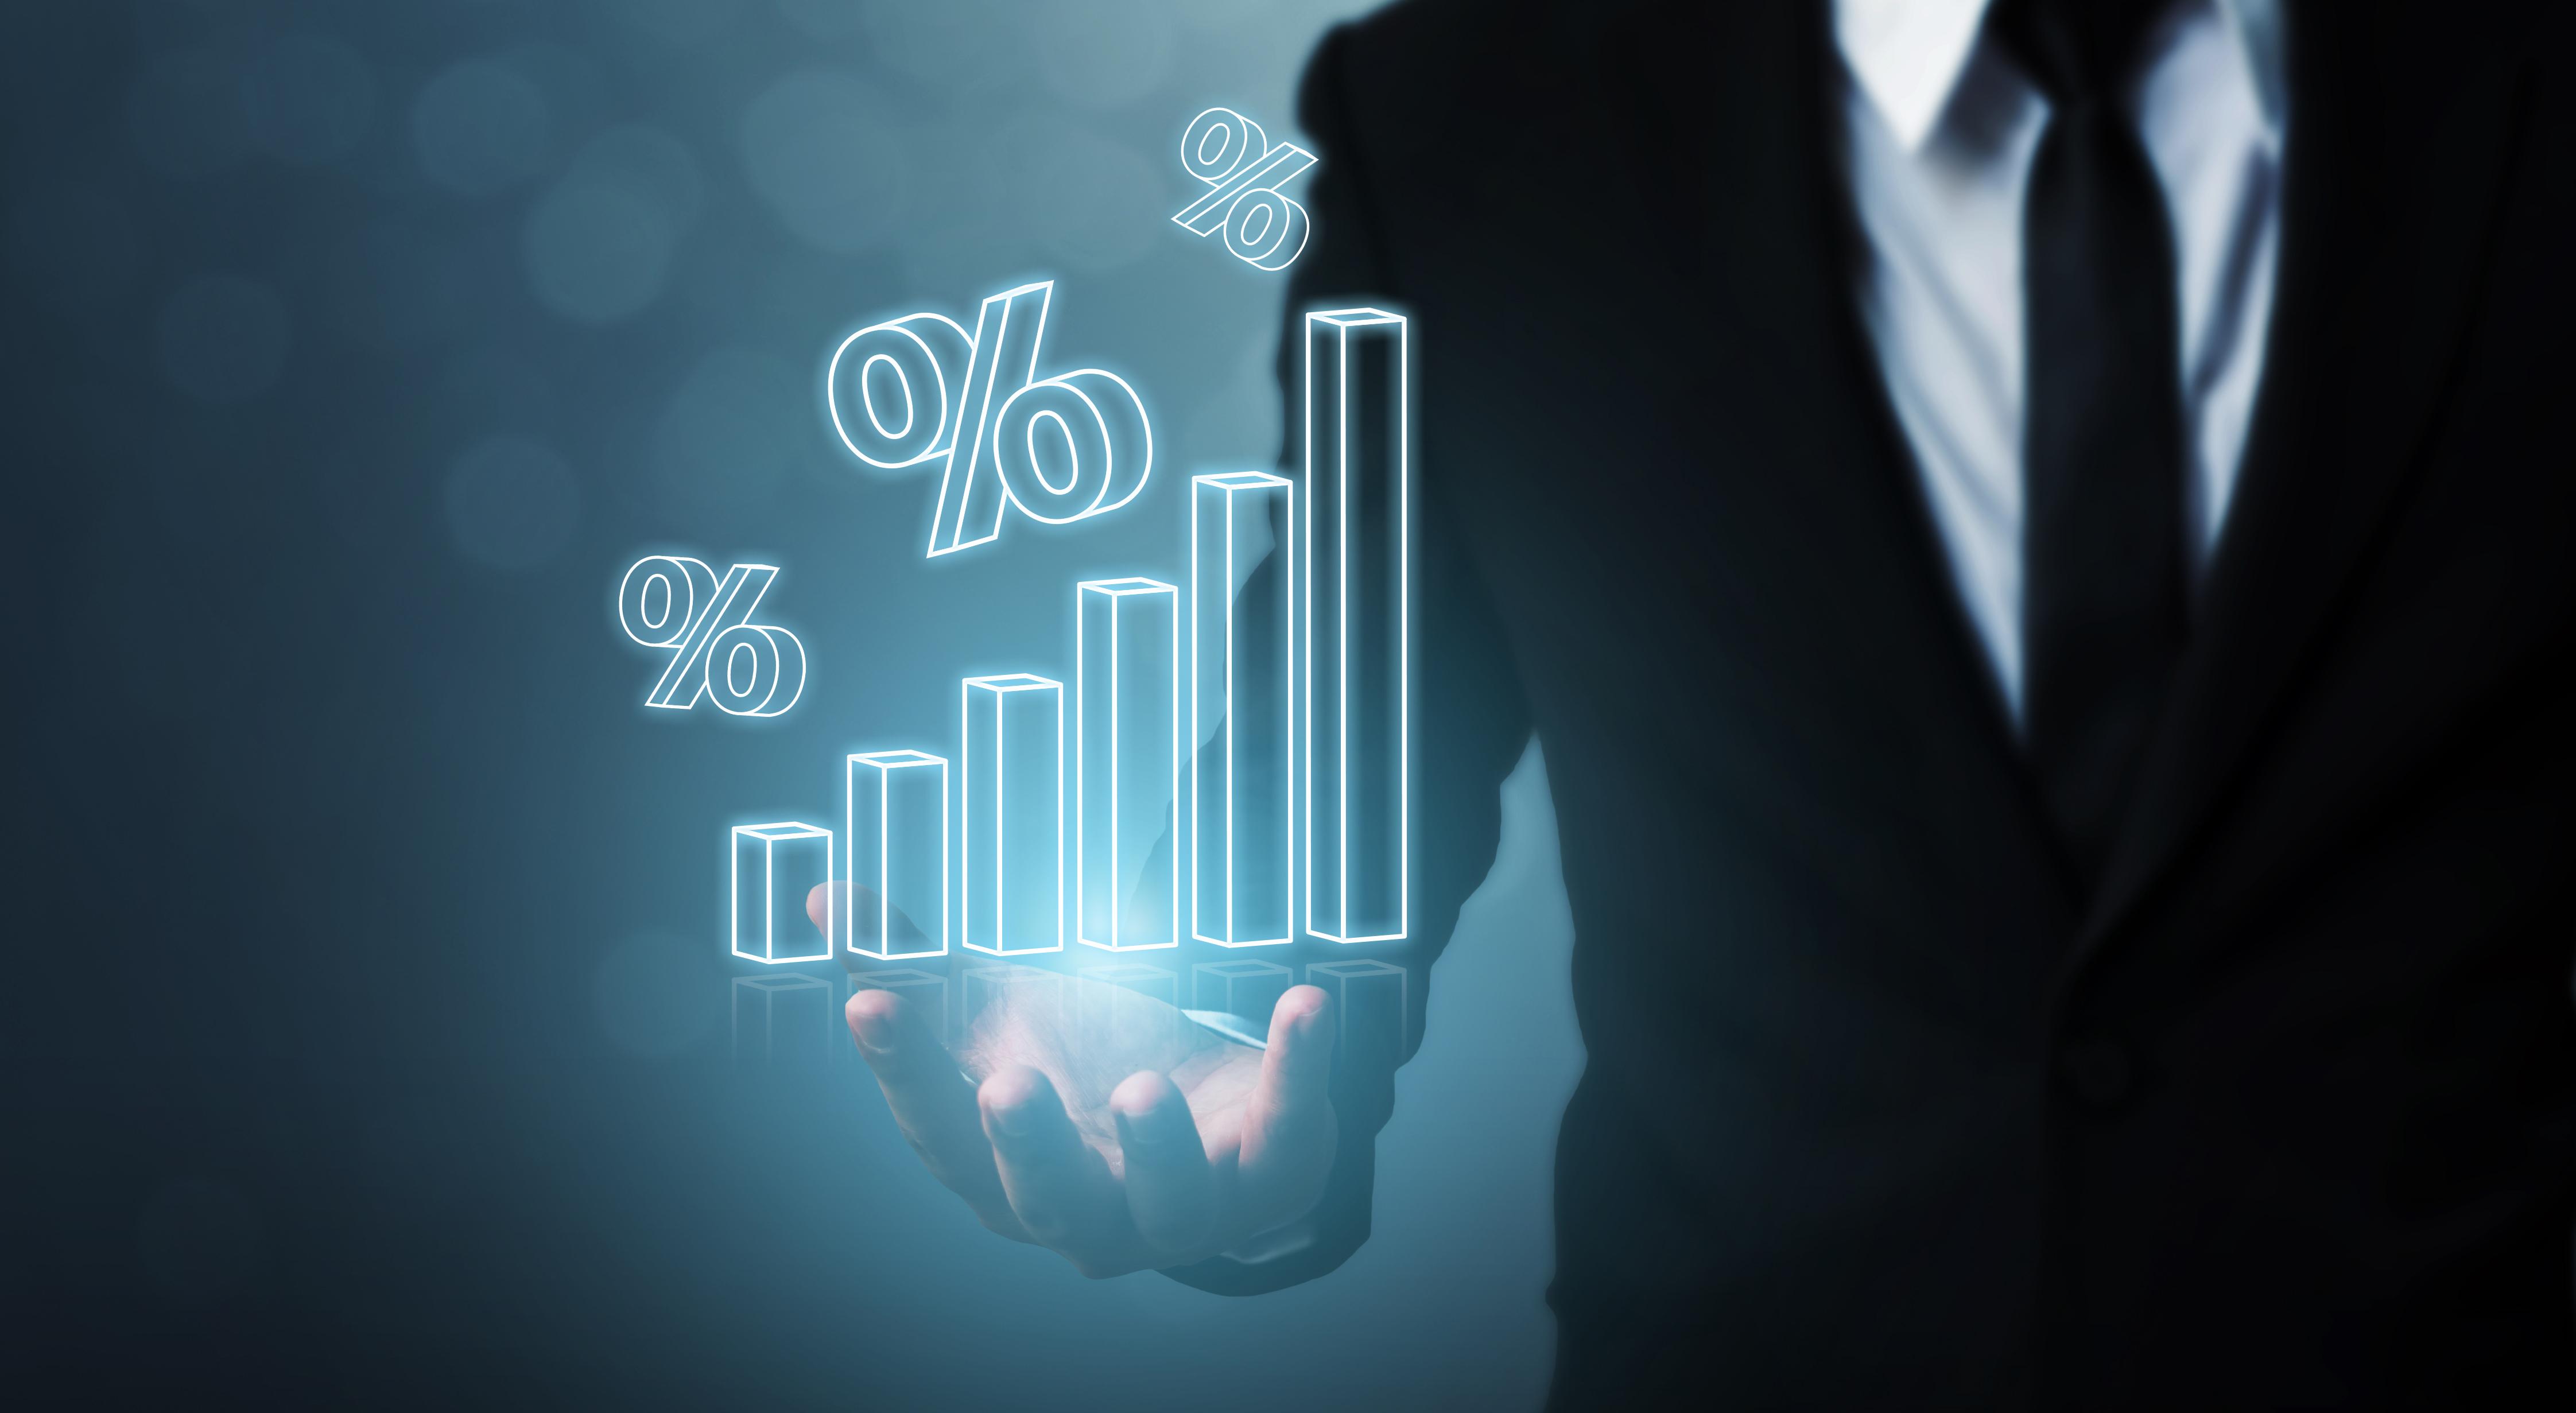 Les actions à dividende